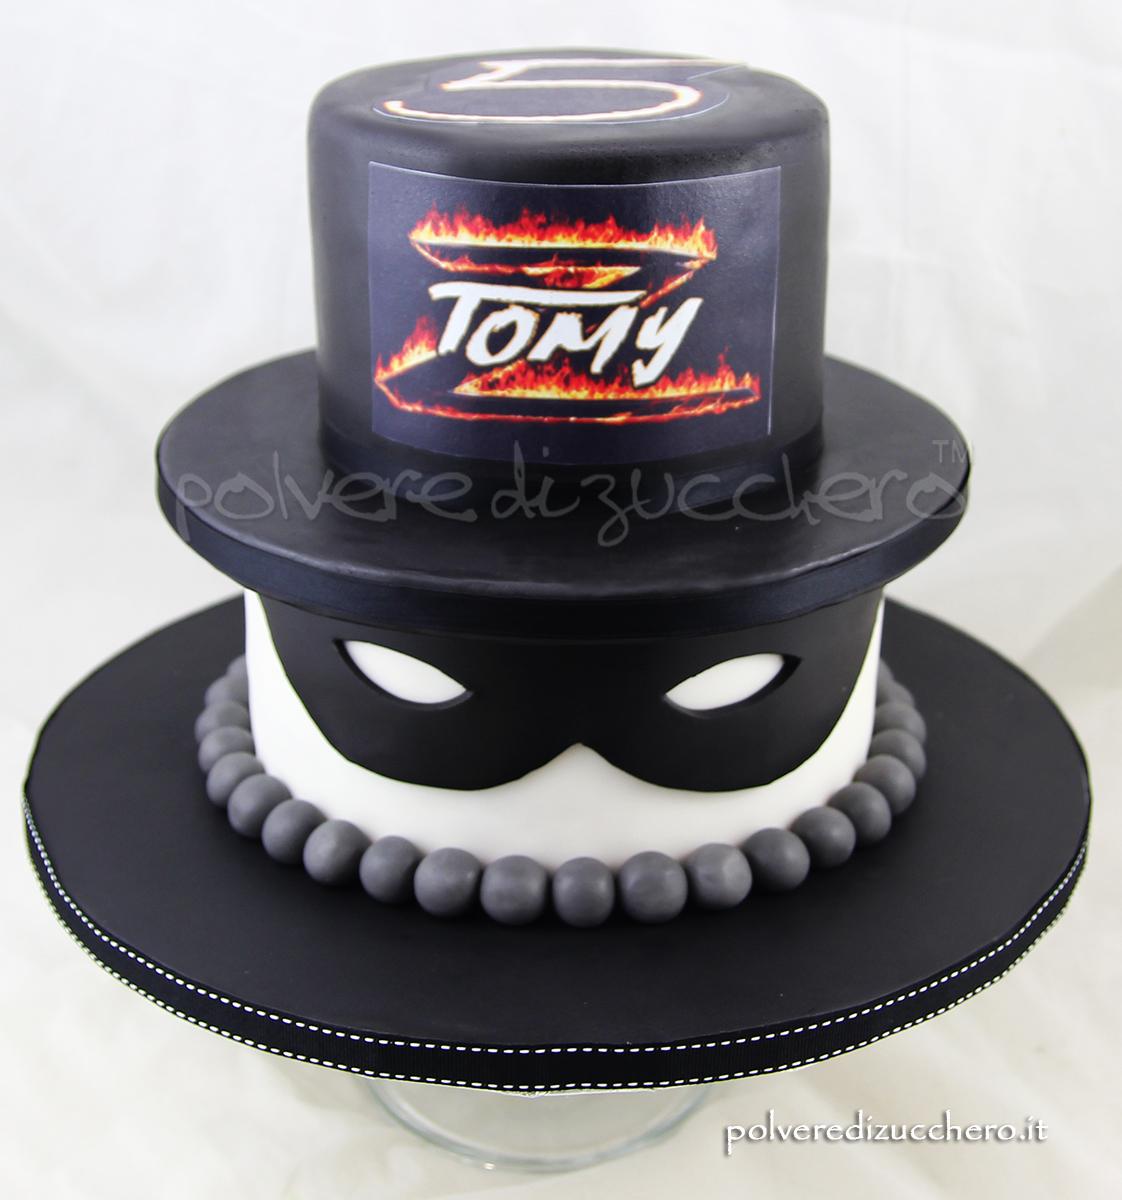 torta decorata pasta di zucchero cake design zorro compleanno bambino torta a a piani polvere di zucchero